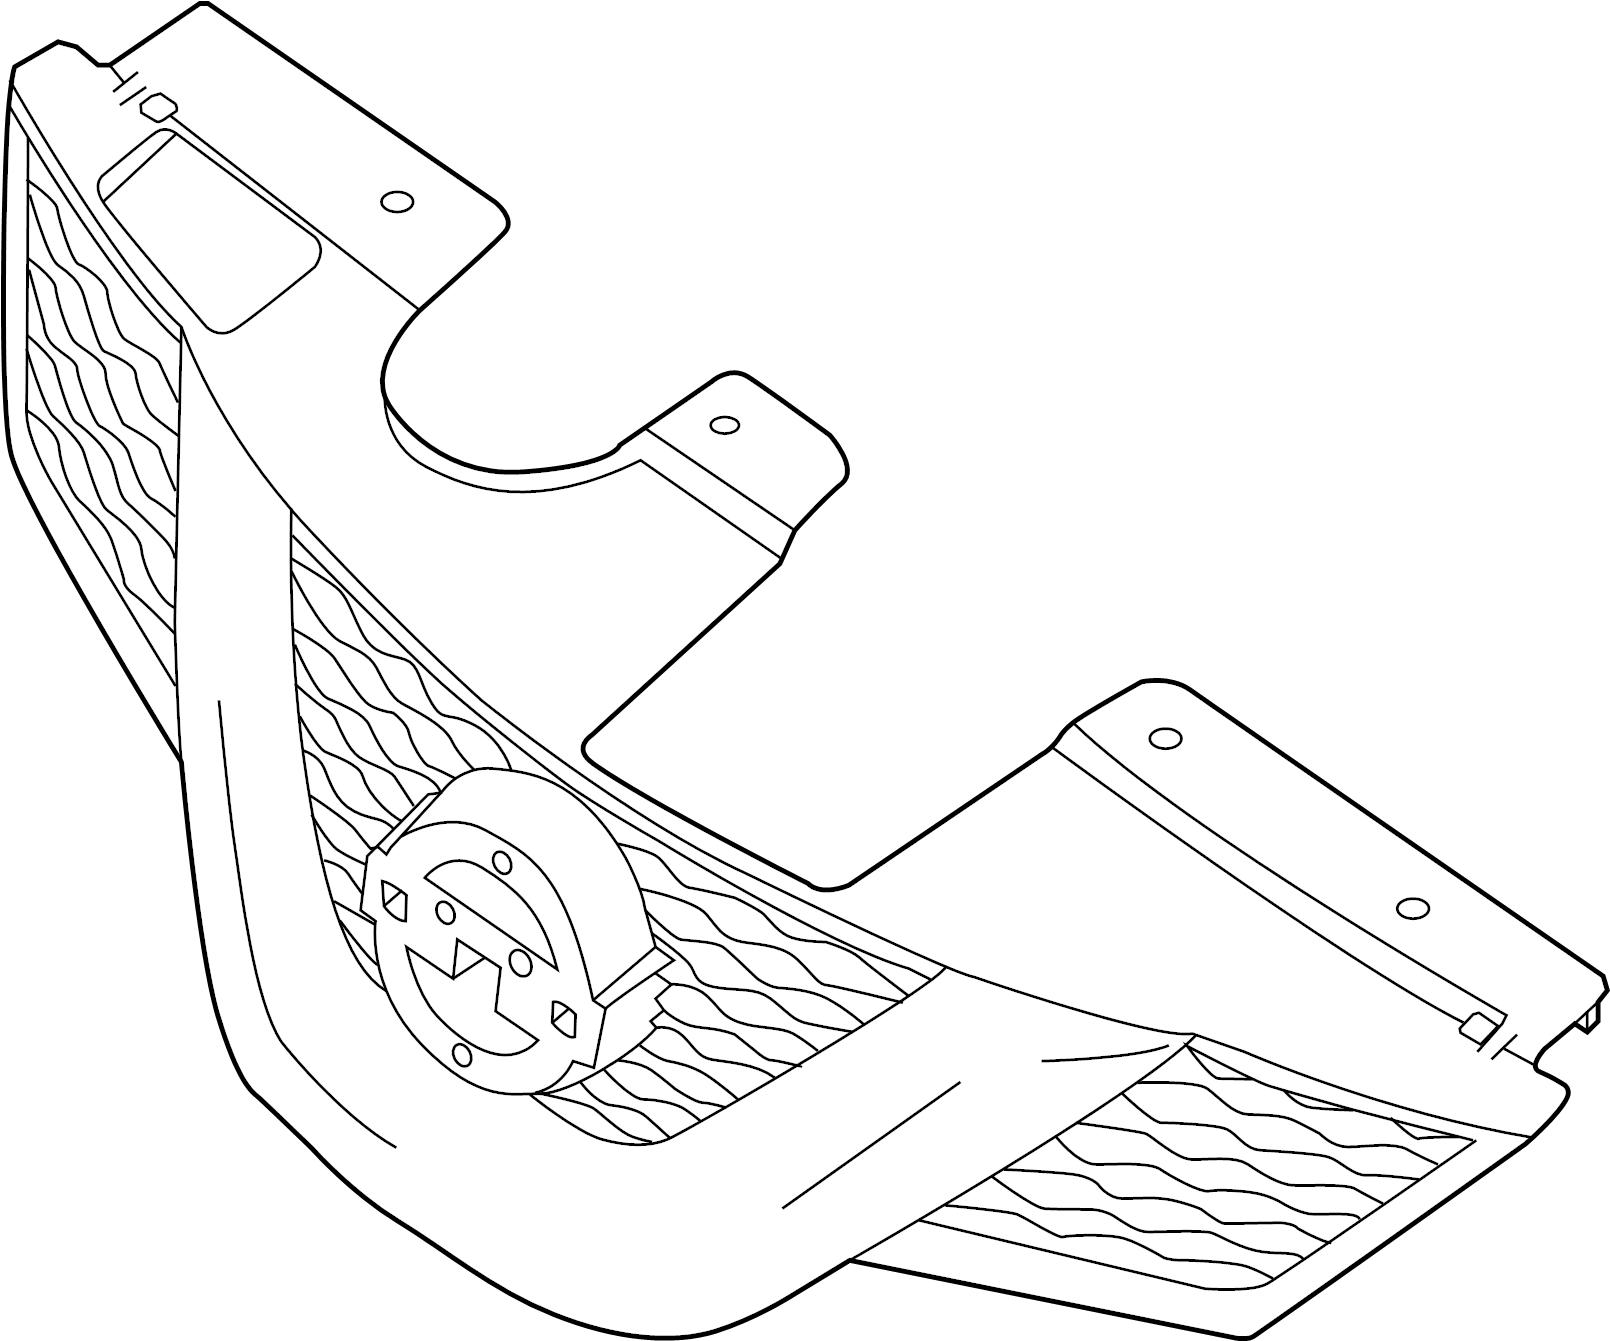 6fl0c